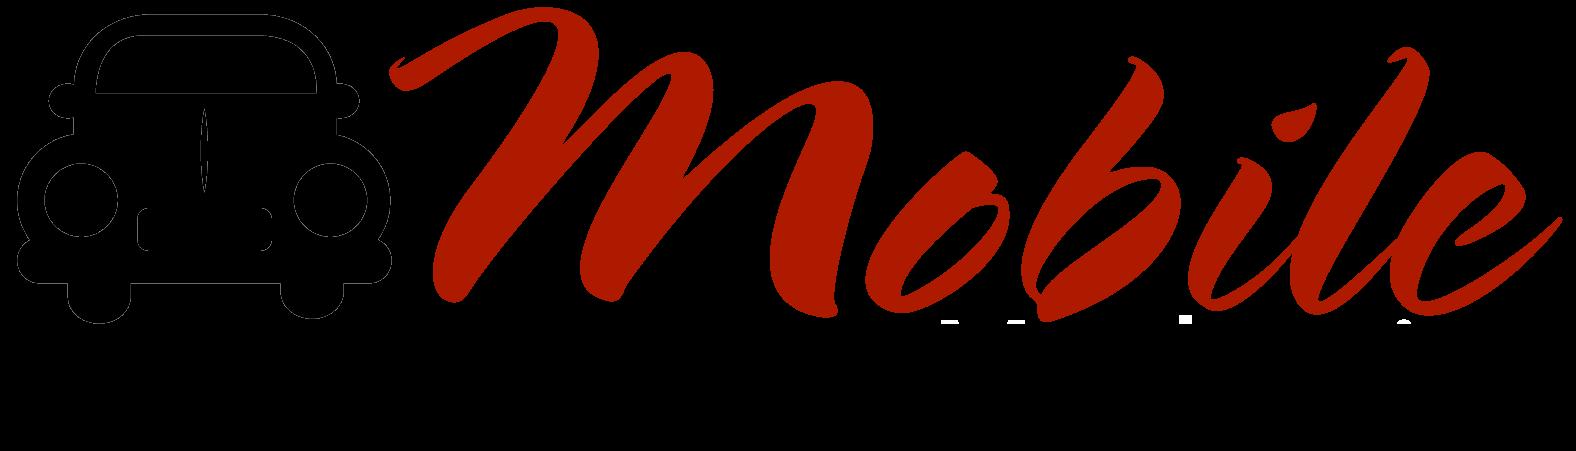 mobilemechanictoronto.com